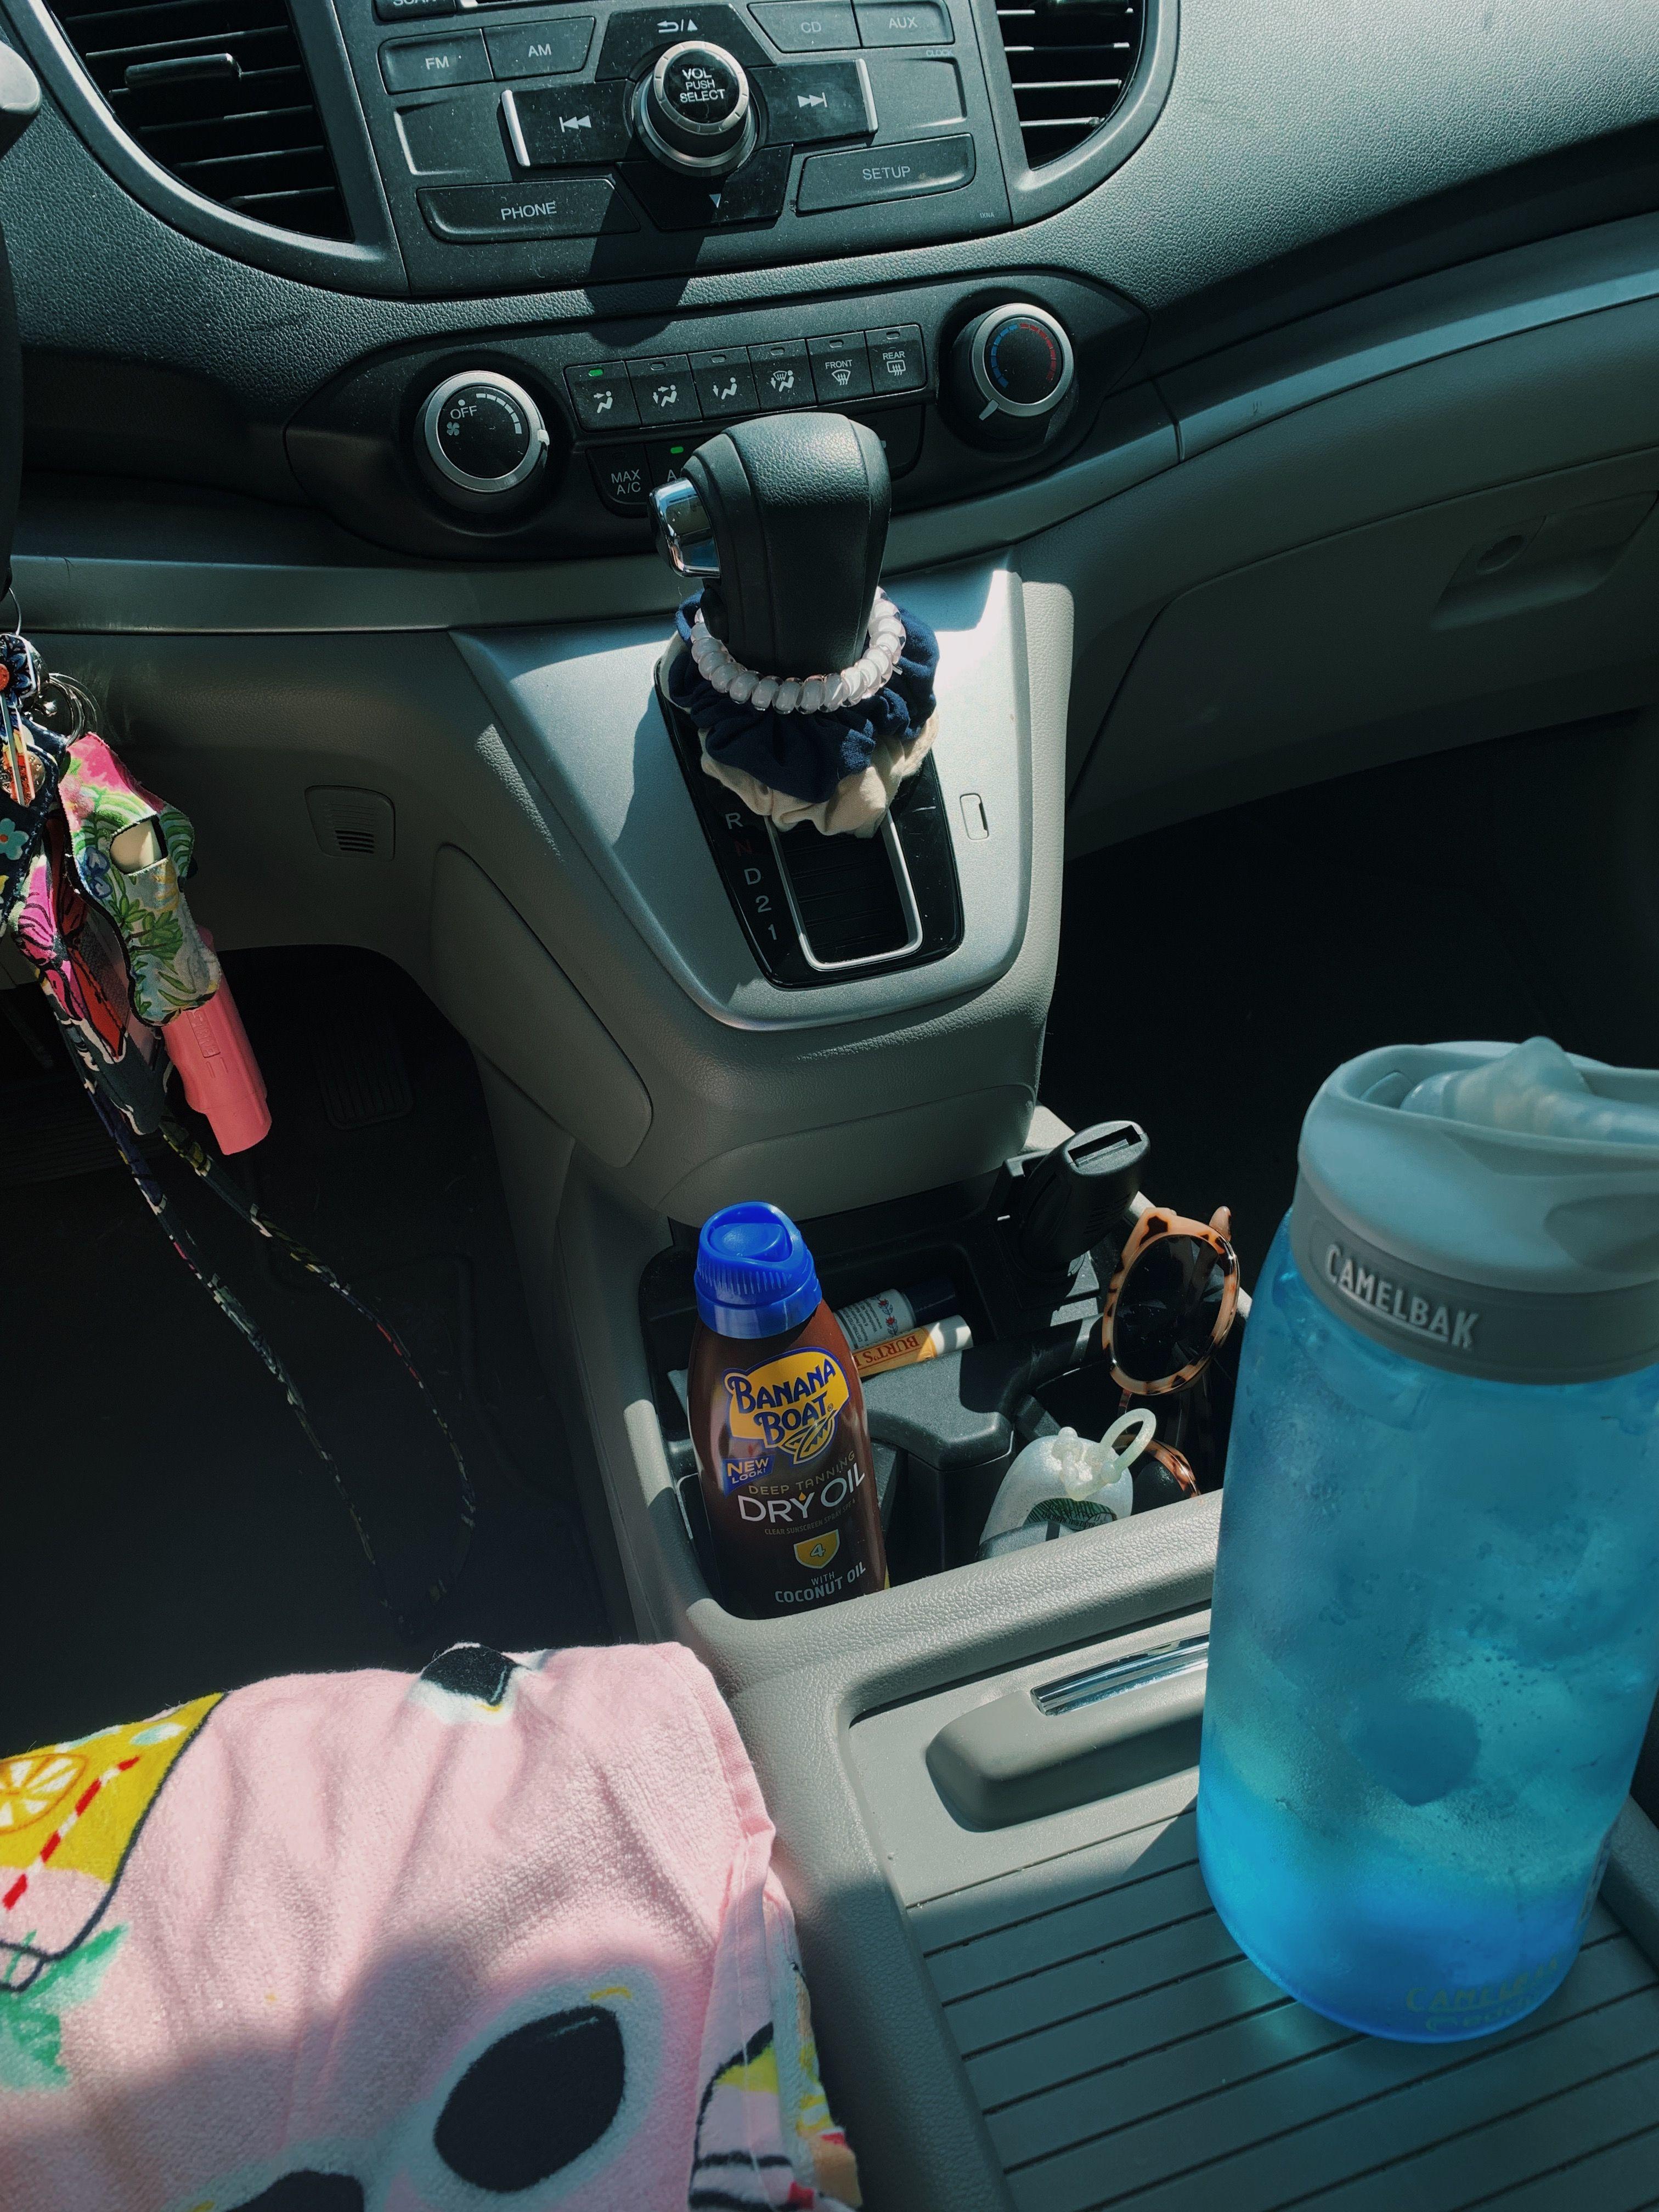 Summer Time Drive Cute Car Accessories Car Personalization